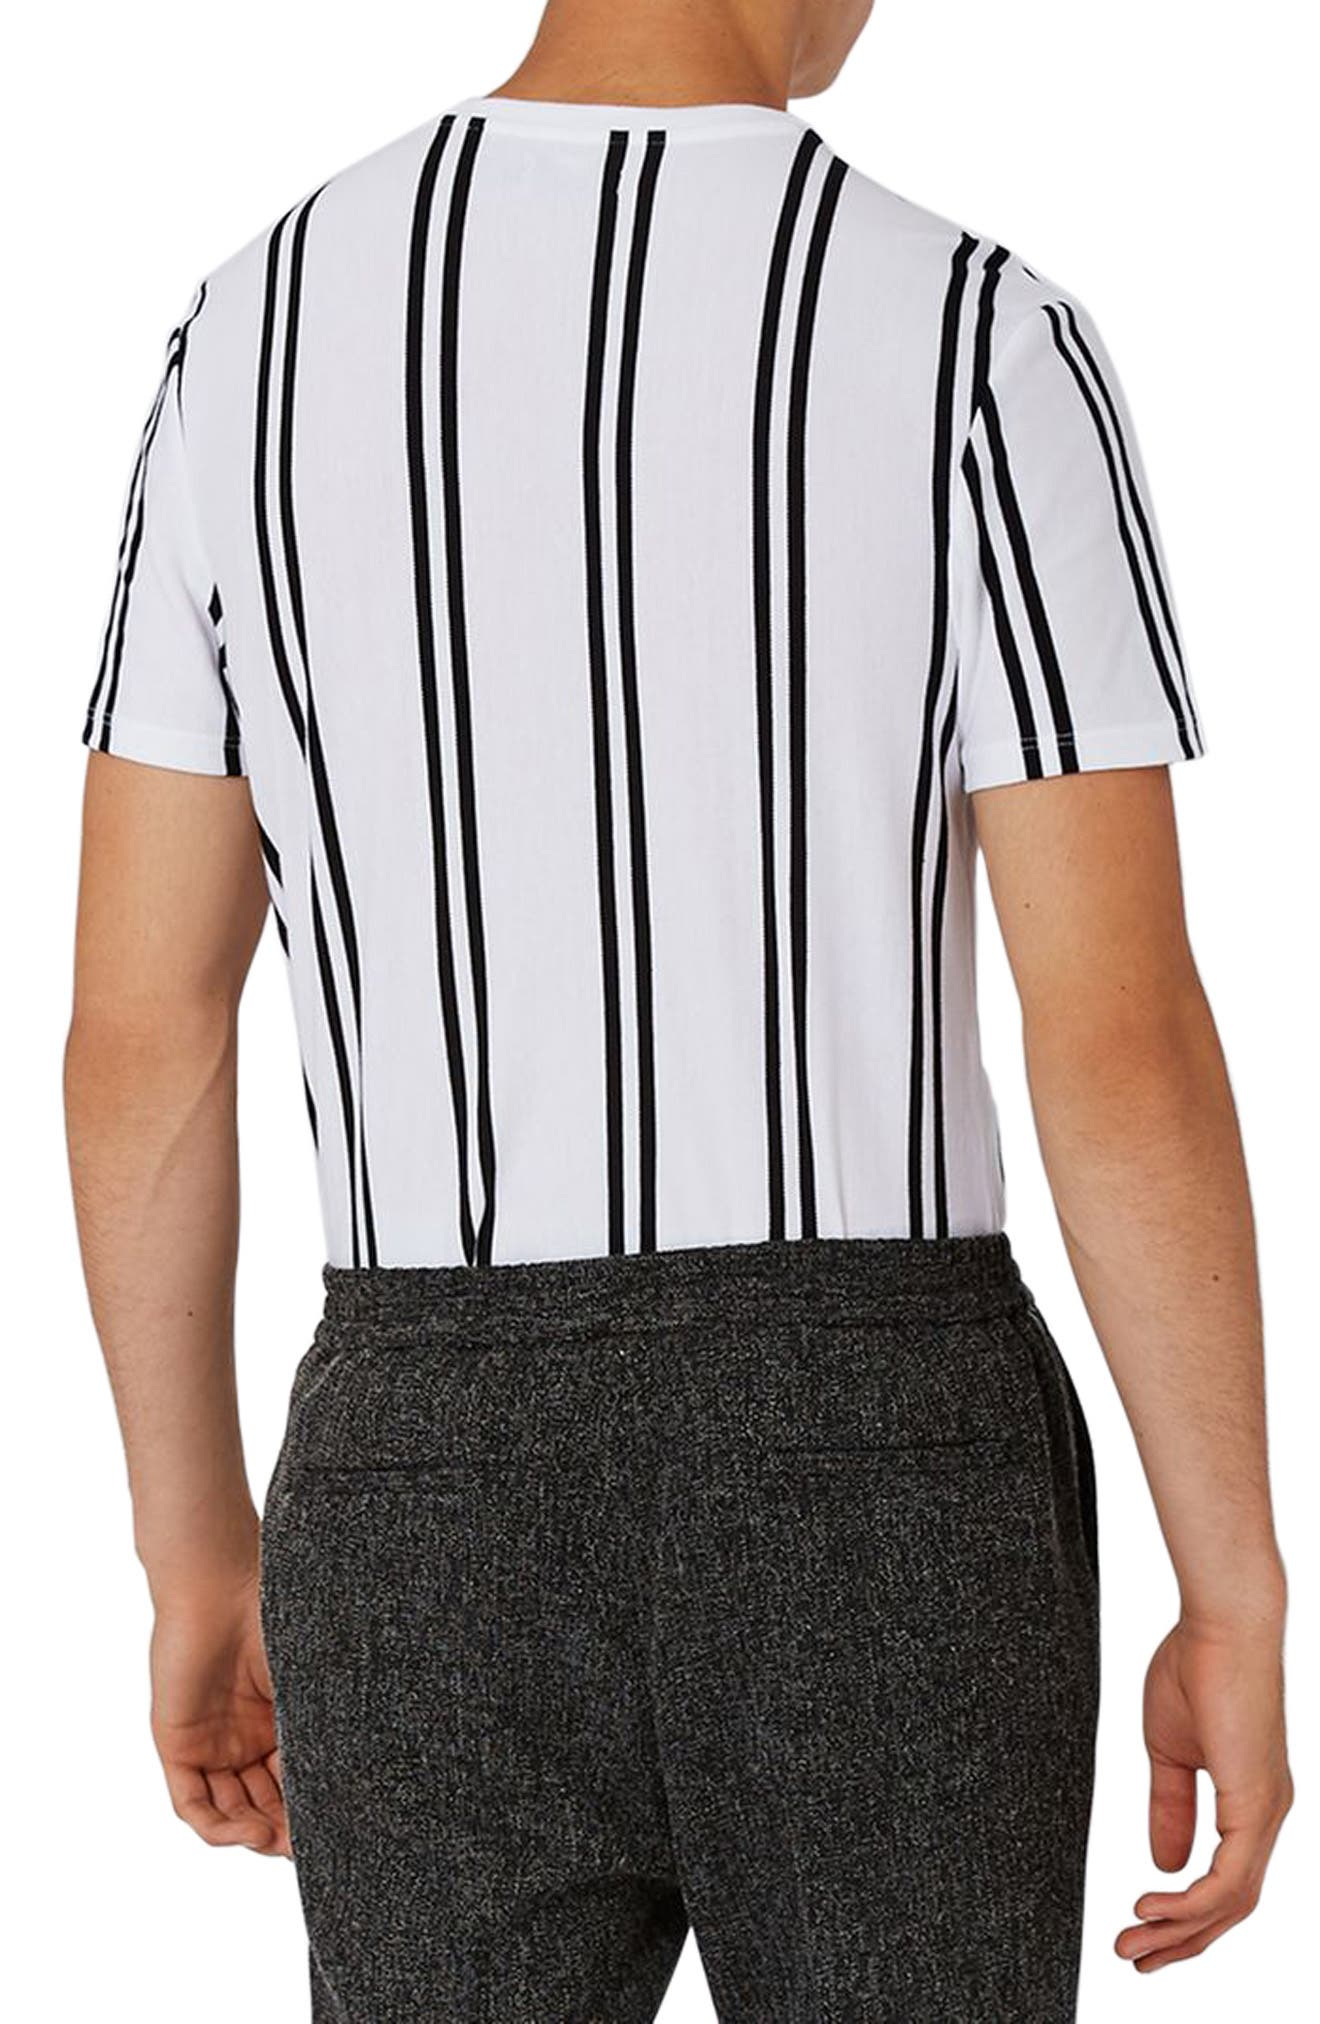 Dilan Stripe T-Shirt,                             Alternate thumbnail 2, color,                             White Multi